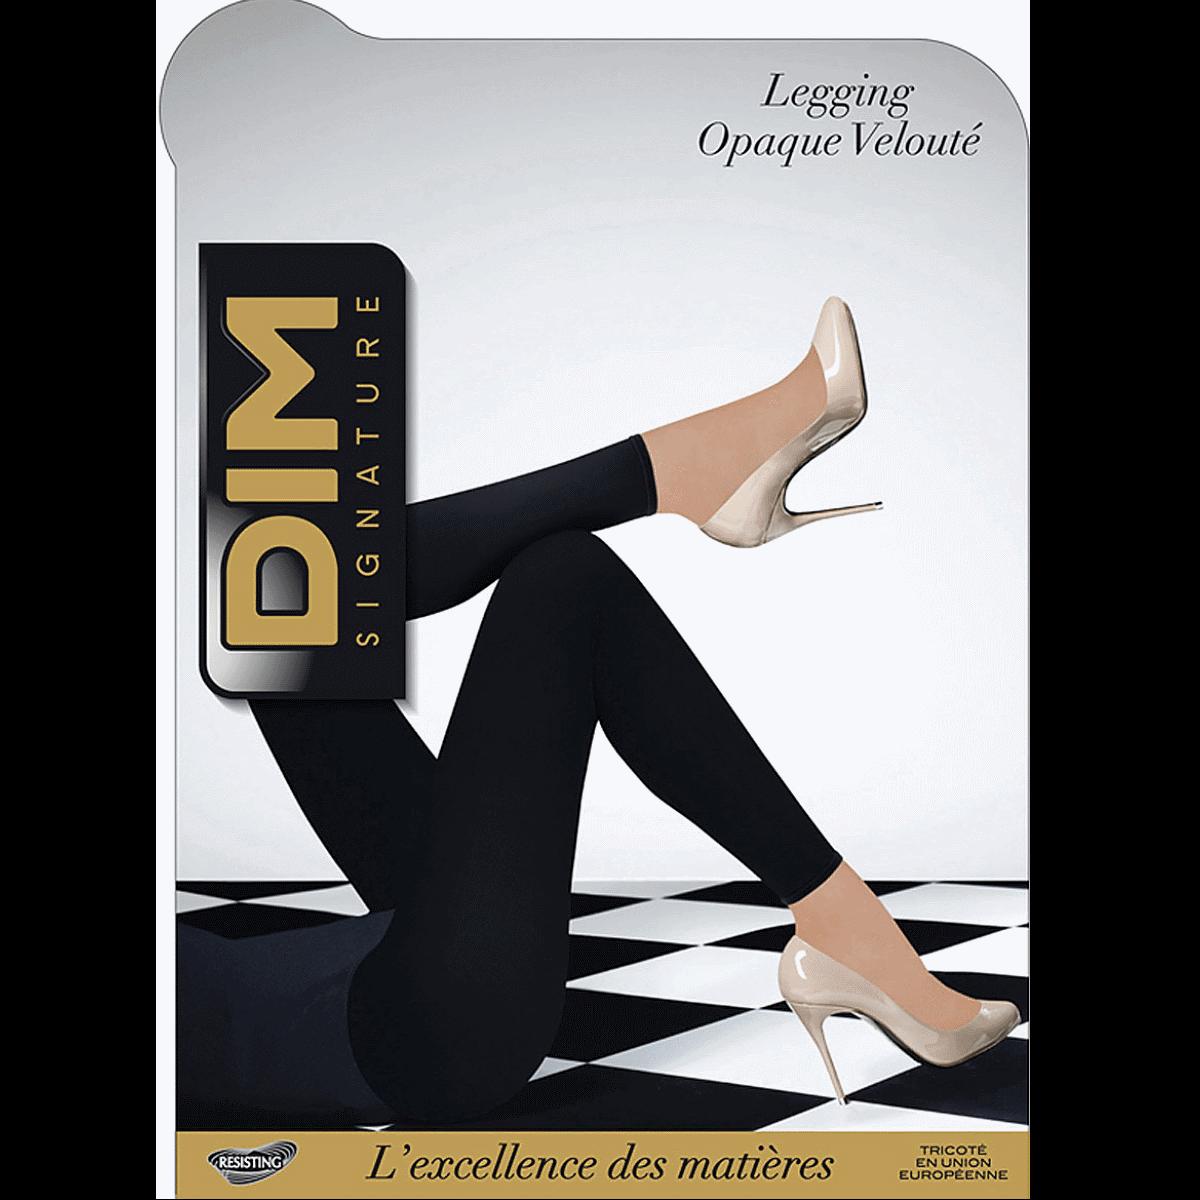 5916e0e31d030 Legging noir DIM SIGNATURE Opaque Velouté 60D